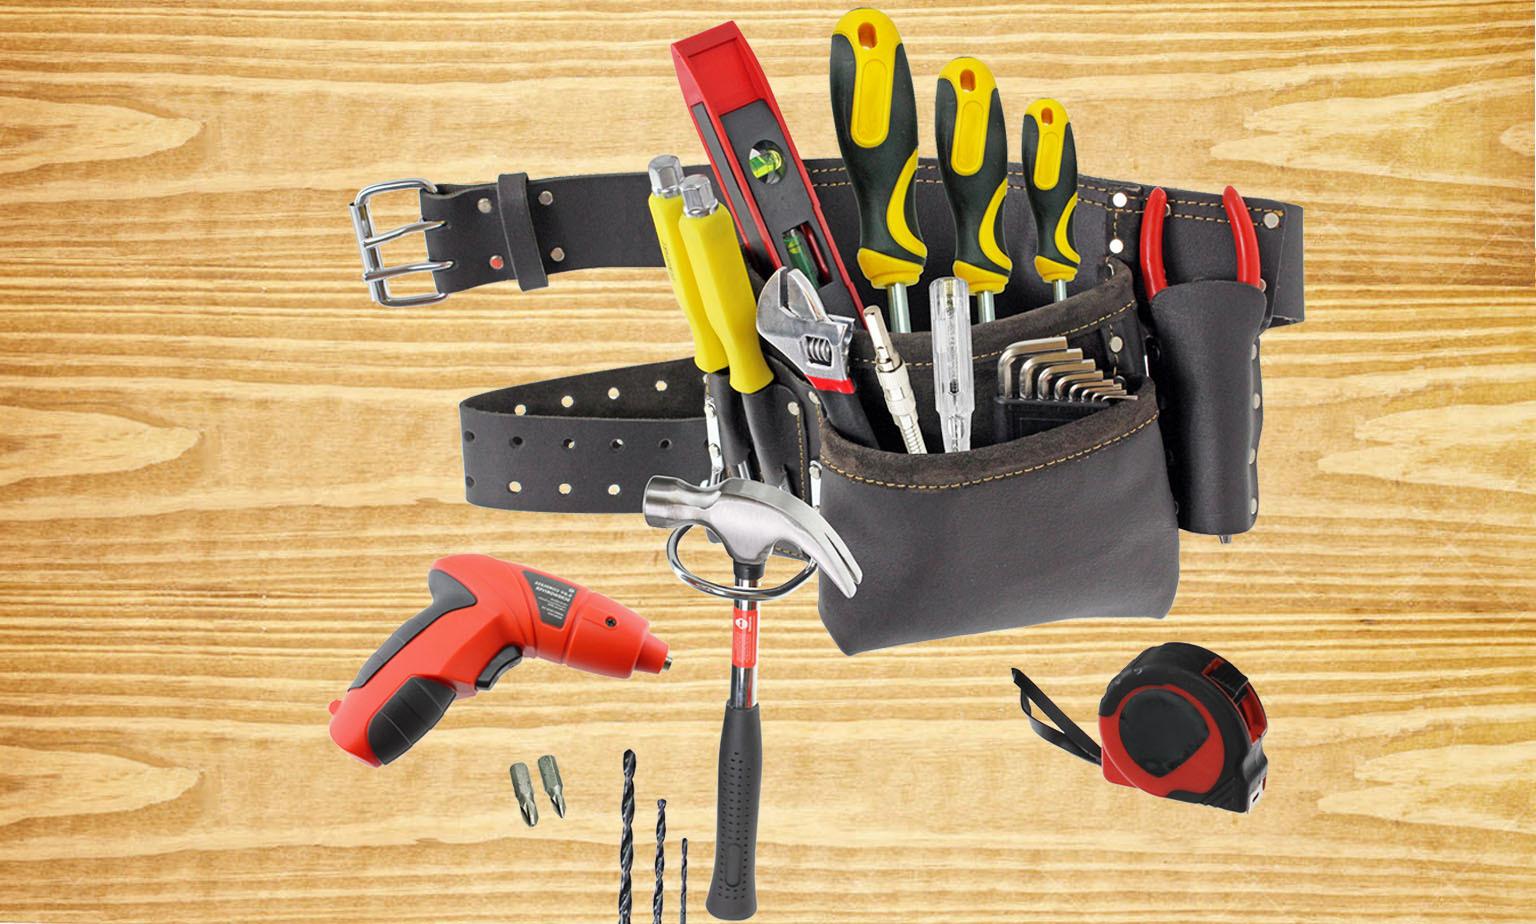 Tools under £15